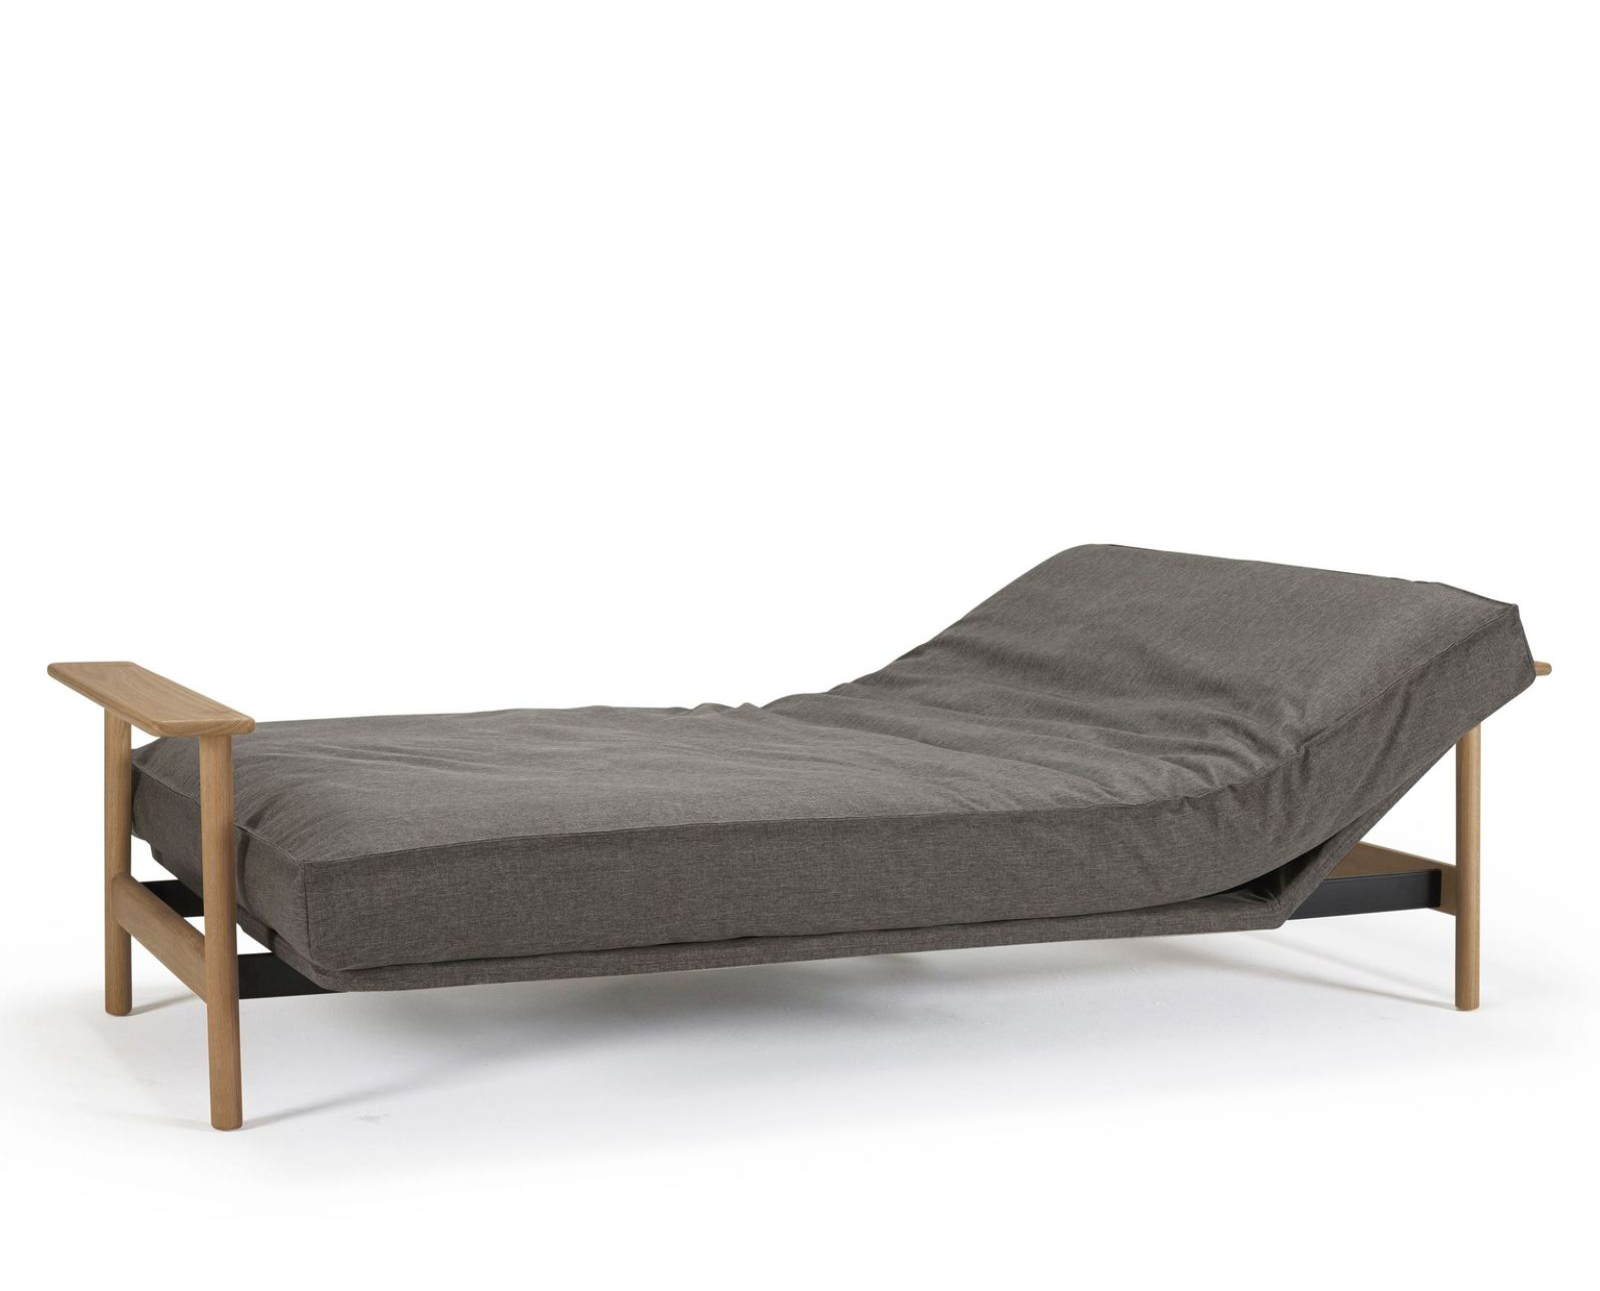 schlafsofa mit federkern und 140x200cm liegeflache ellwood 26 pretty schlafsofa liegefl che. Black Bedroom Furniture Sets. Home Design Ideas